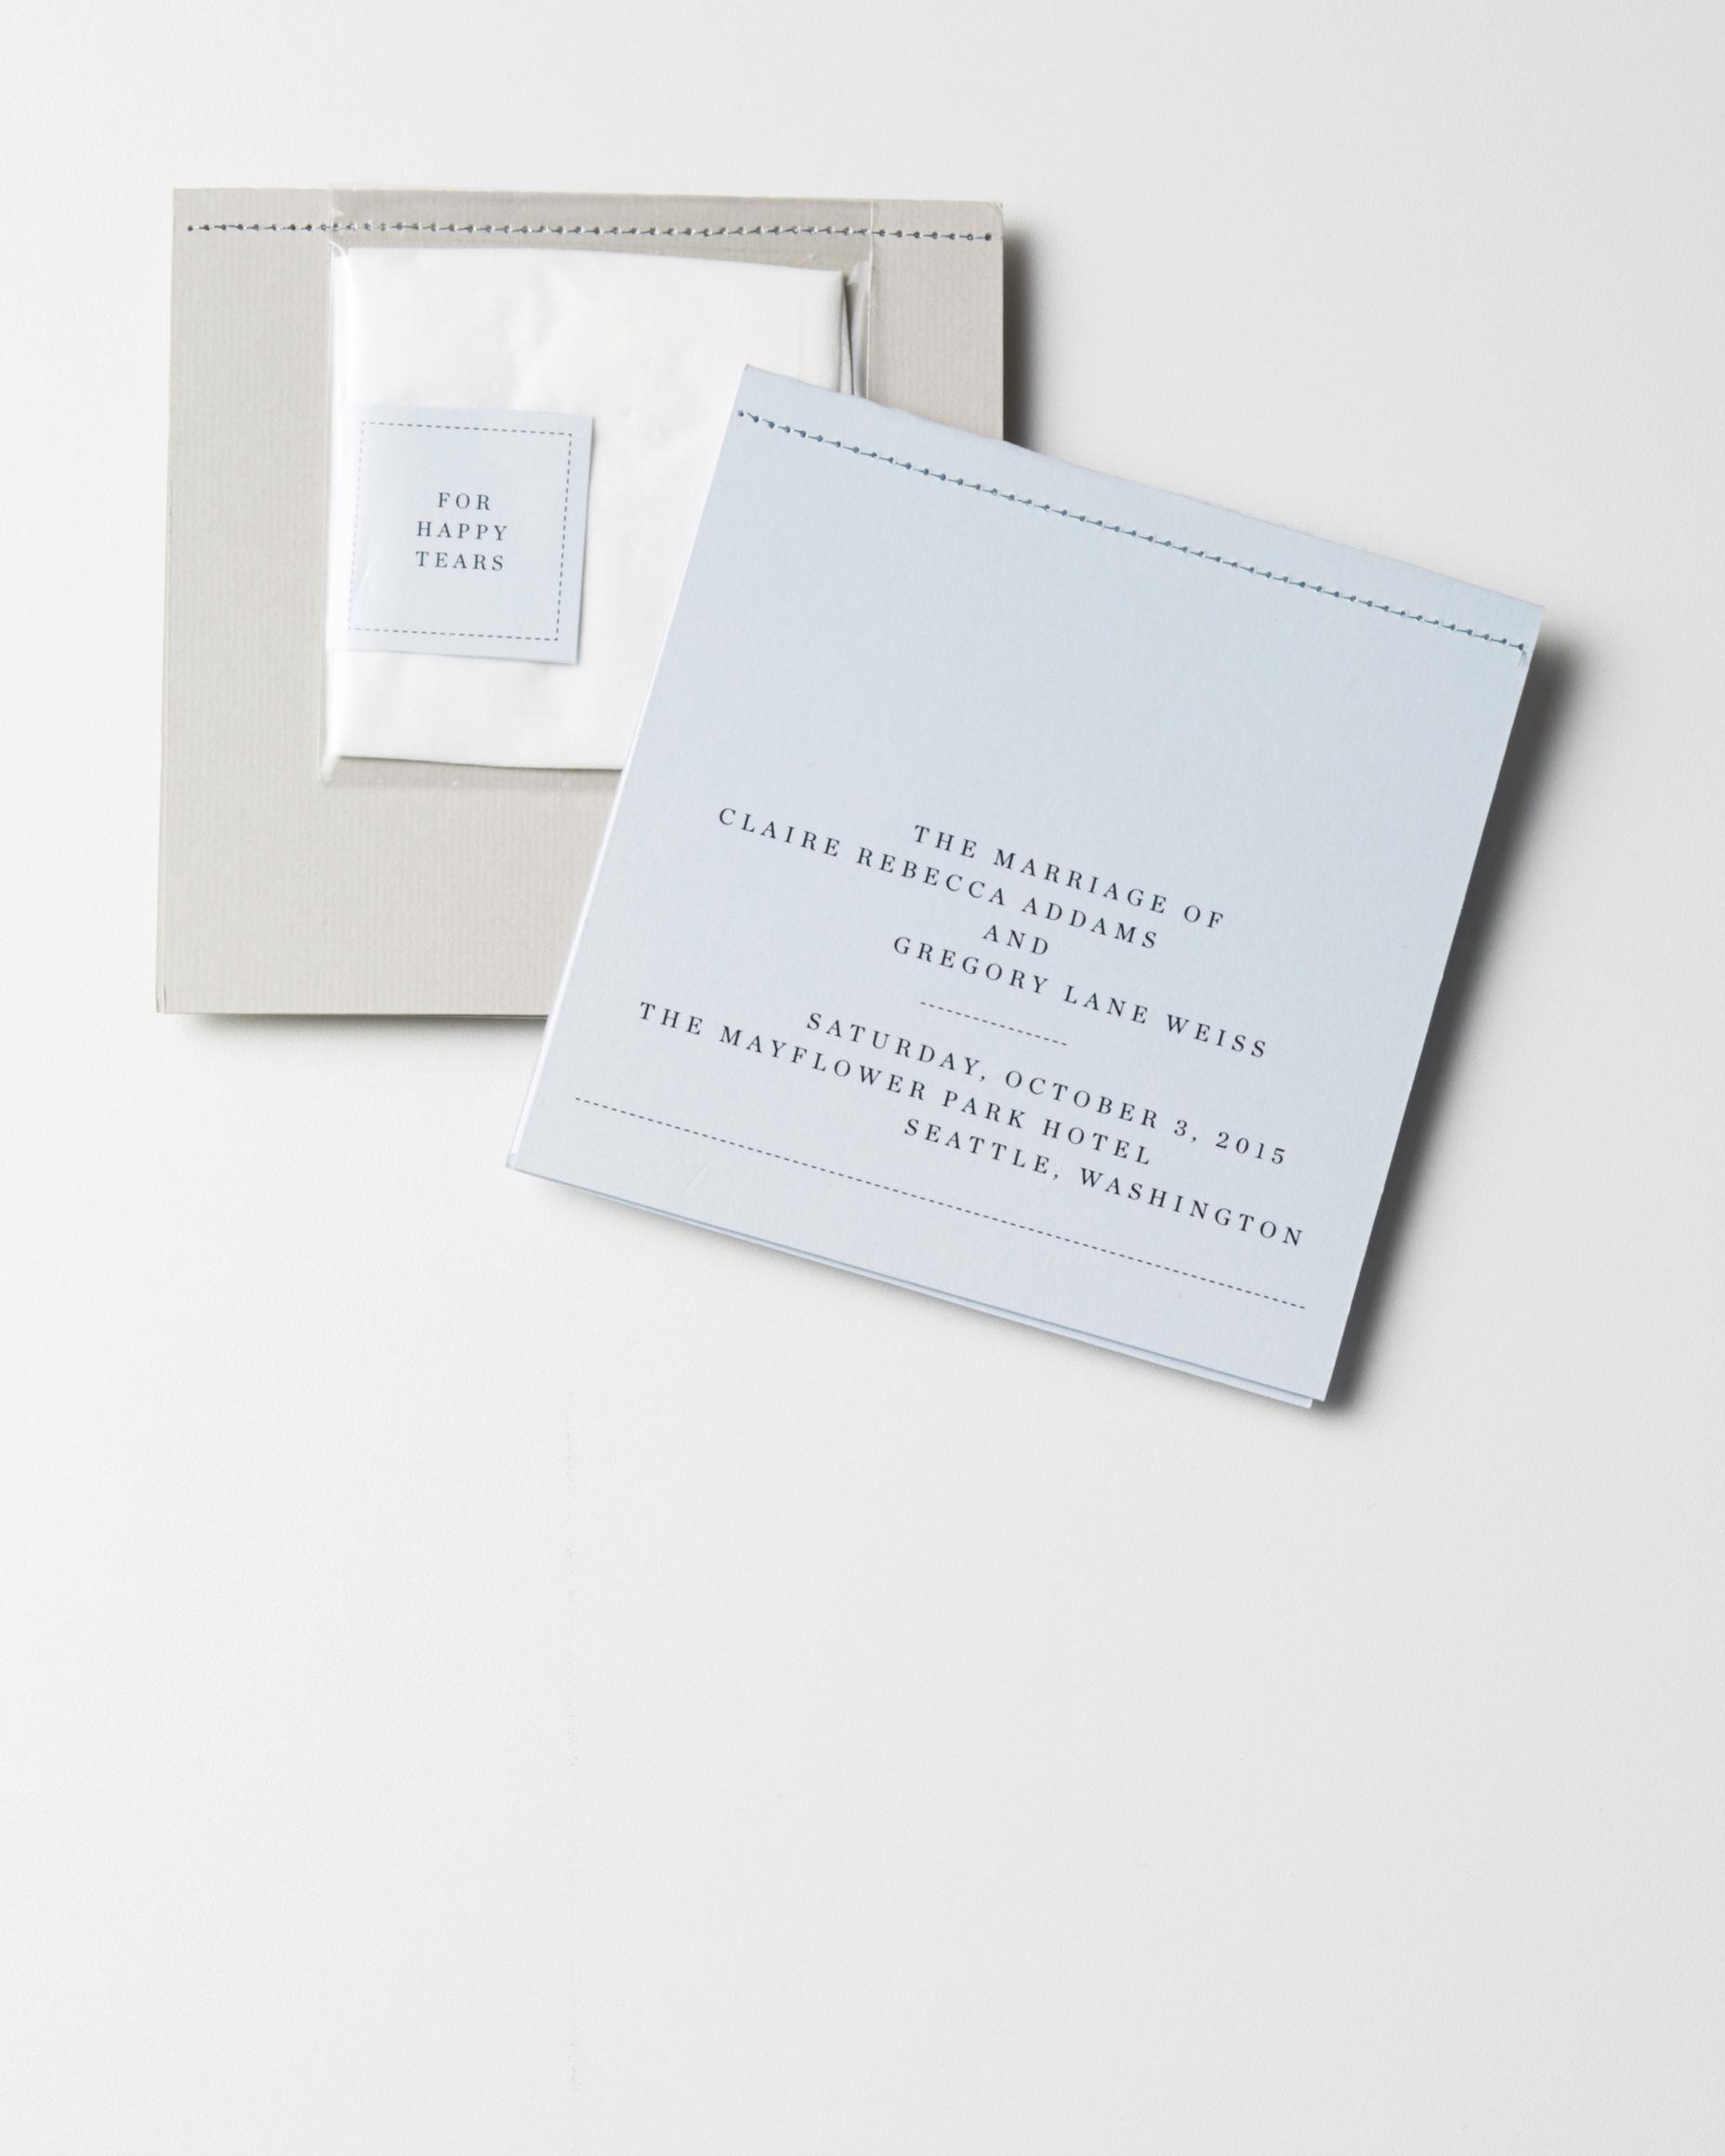 az-diy-sewn-invitation-163-d112138-0615.jpg